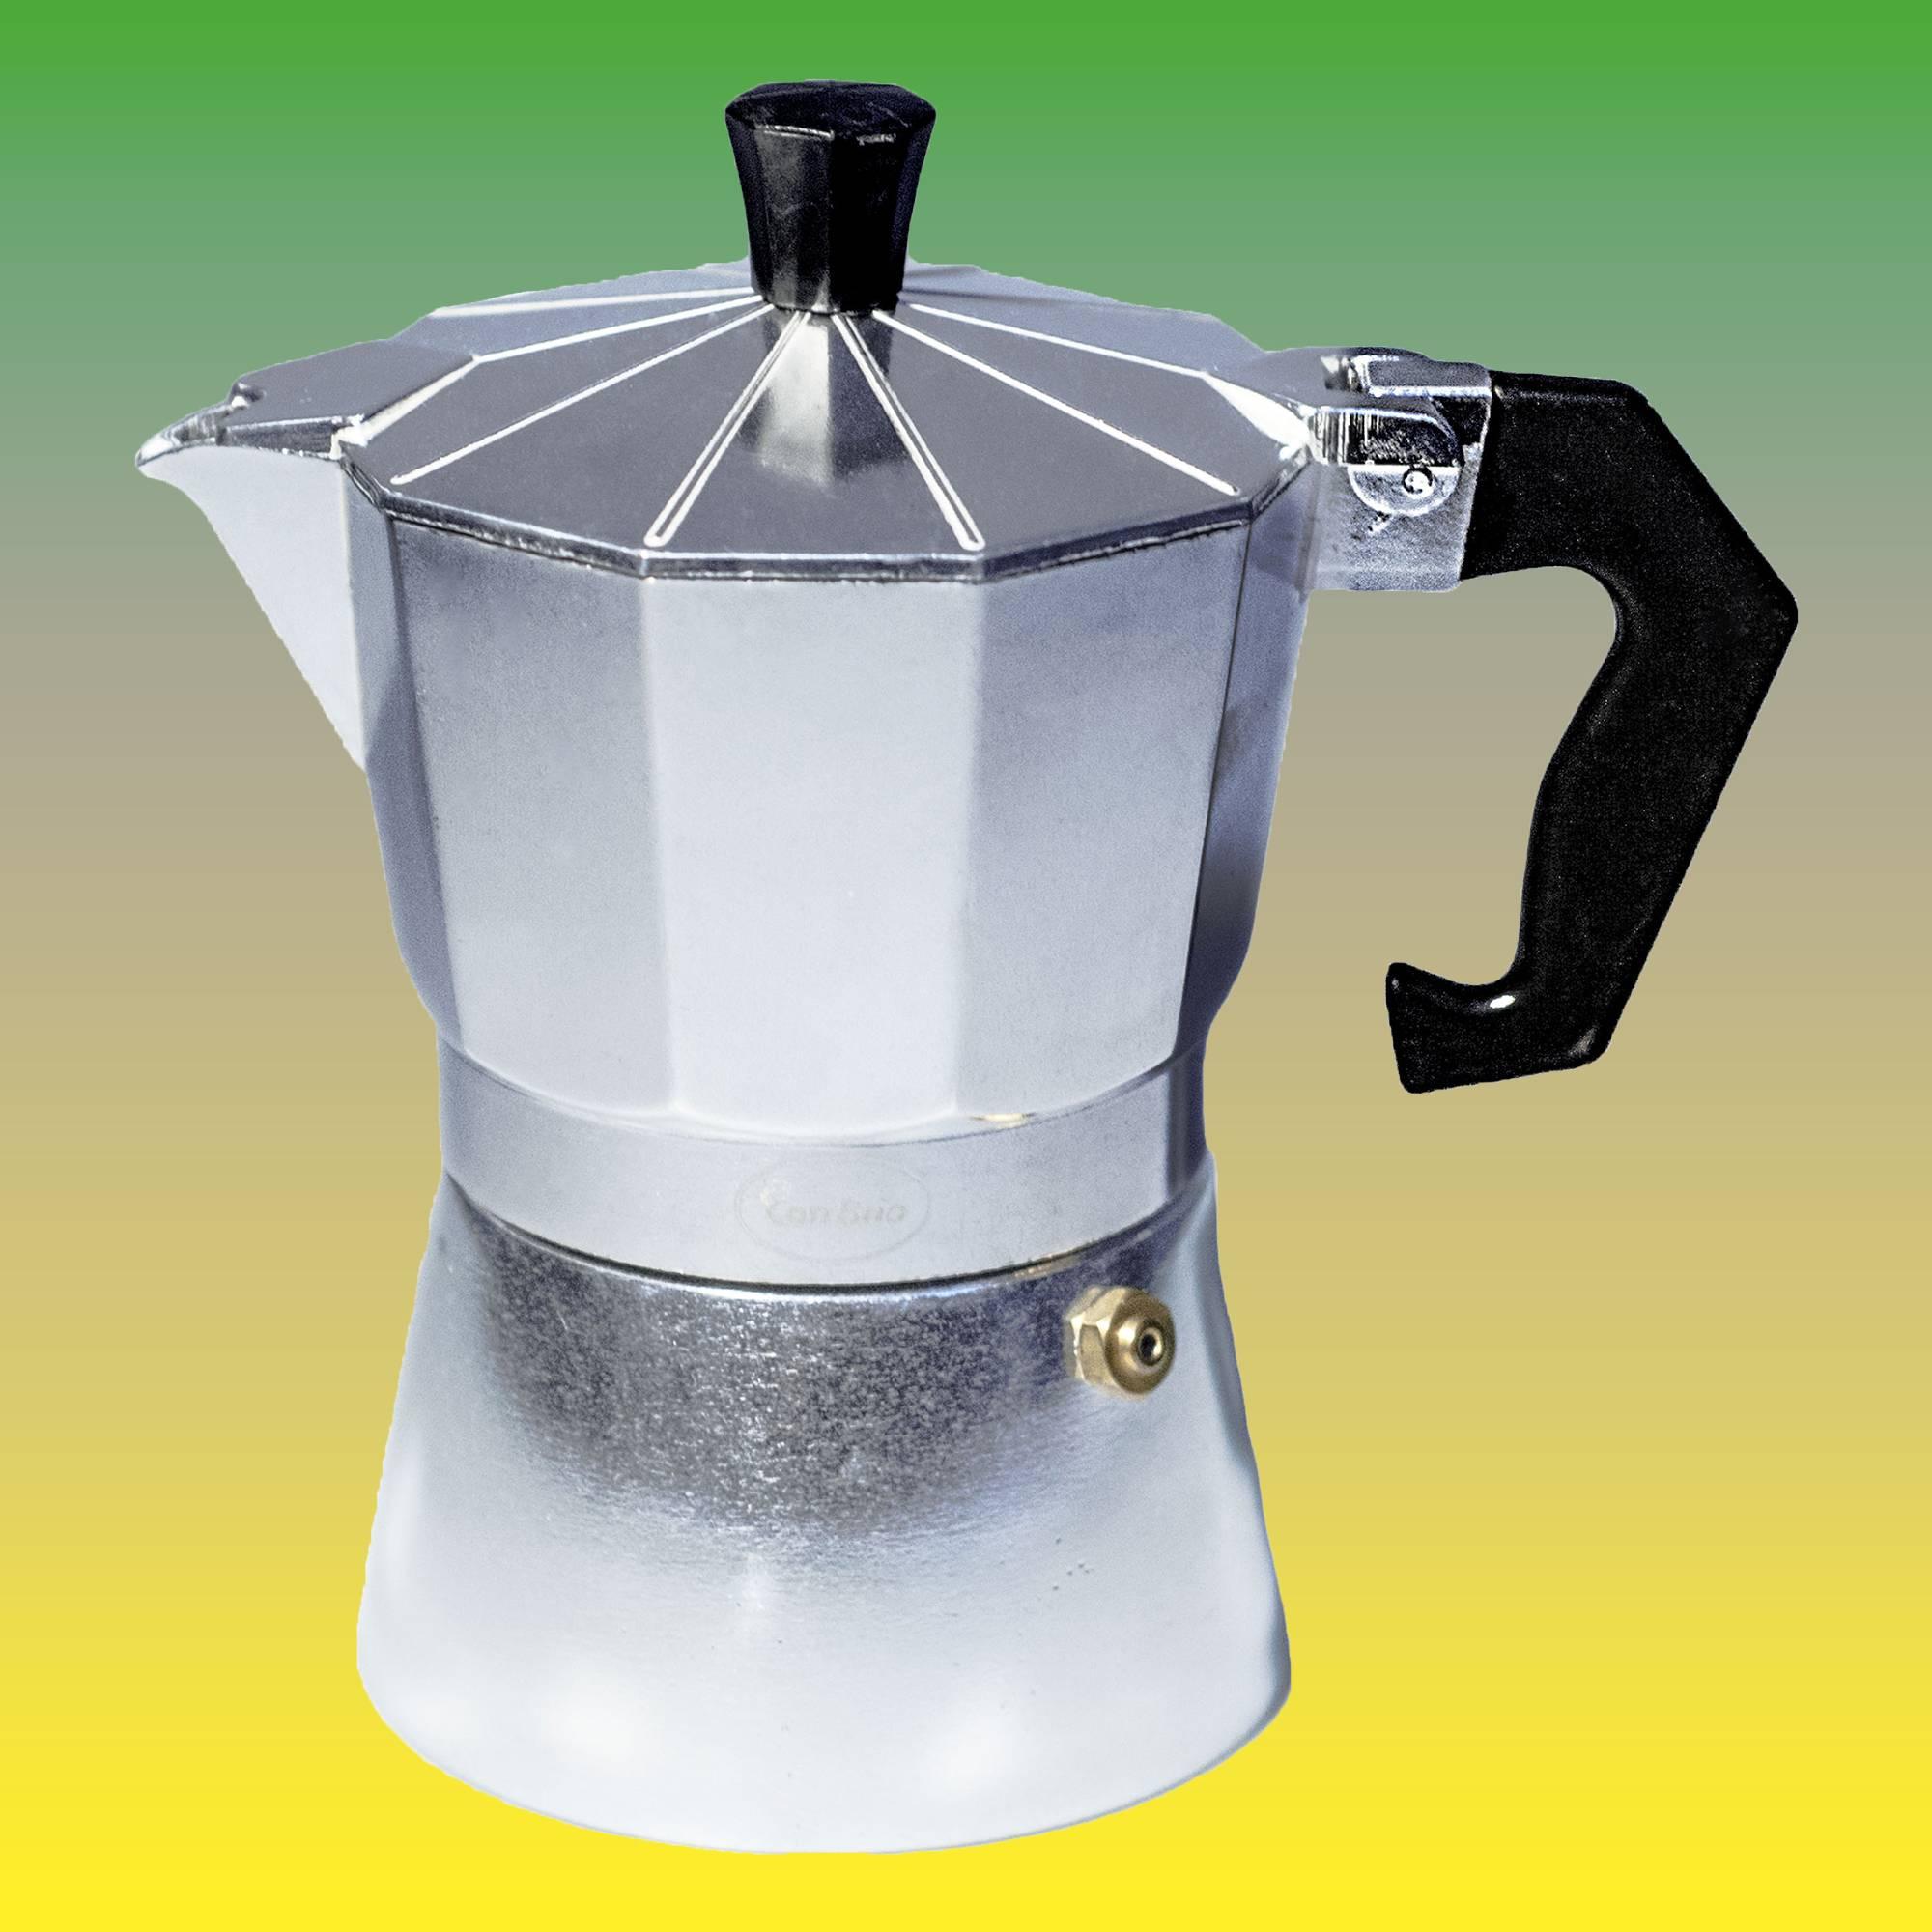 Гейзерная кофеварка как пользоваться, варить кофе и как правильно выбрать аппарат